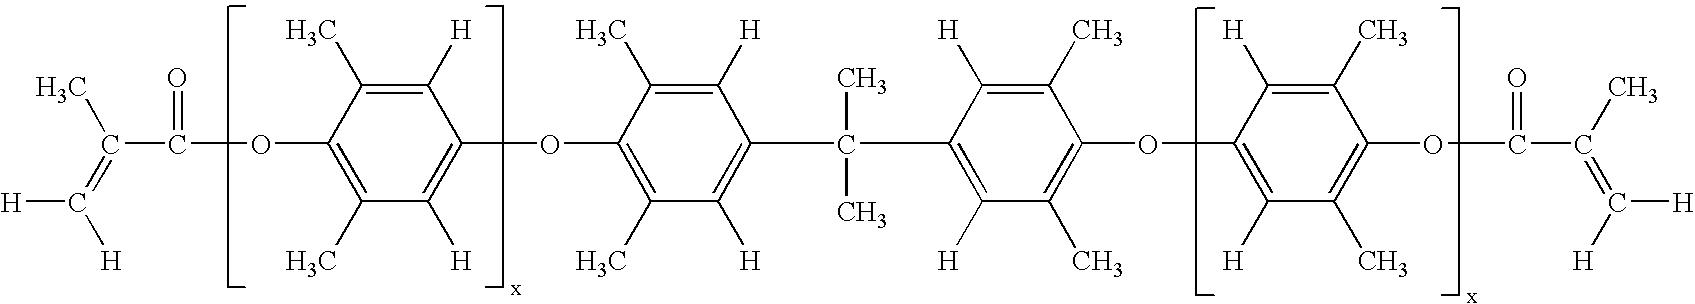 Figure US07329708-20080212-C00028